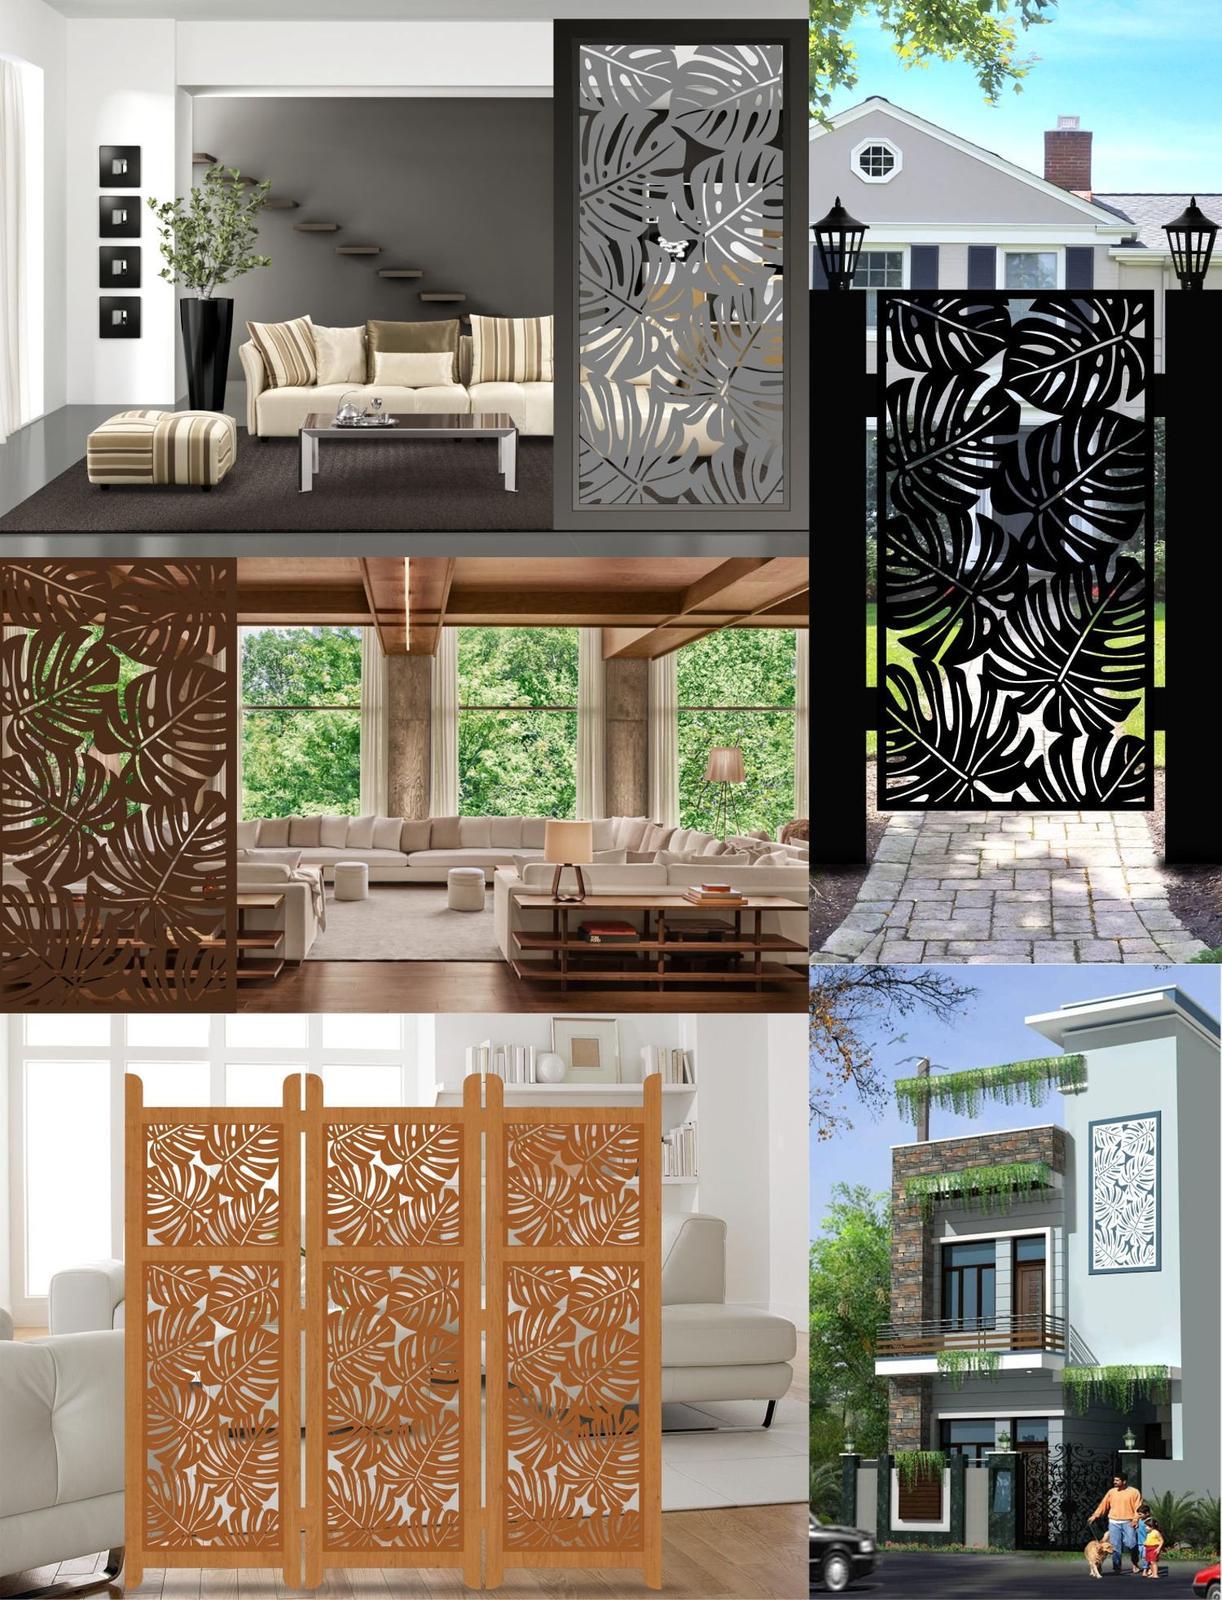 Nástenné dekory, rozdeľovače priestoru, výplne oplotenia, zábradlia, alebo obrazy - Obrázok č. 17